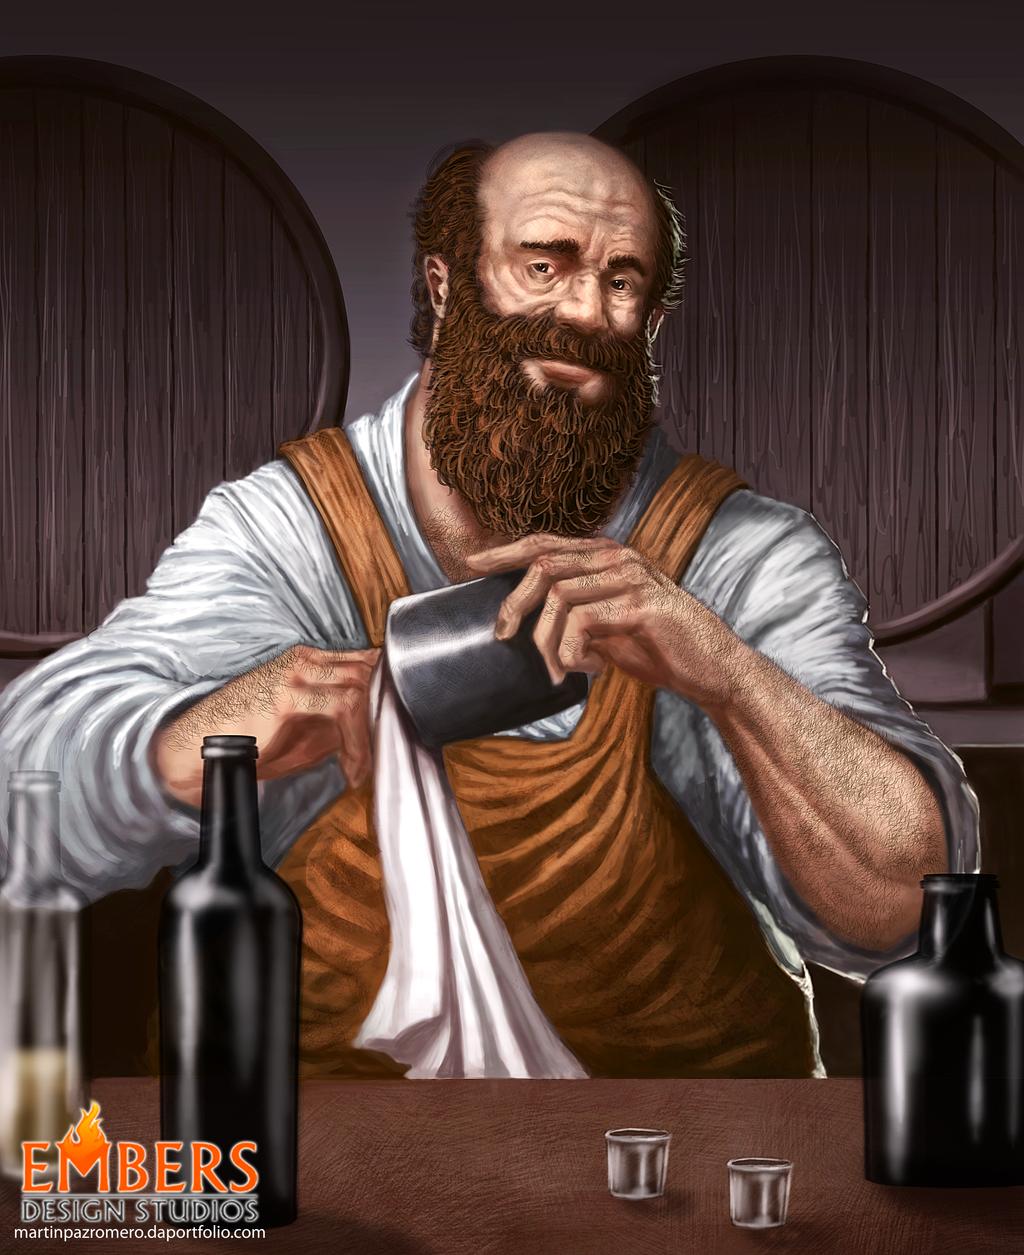 Generic_bartender.png